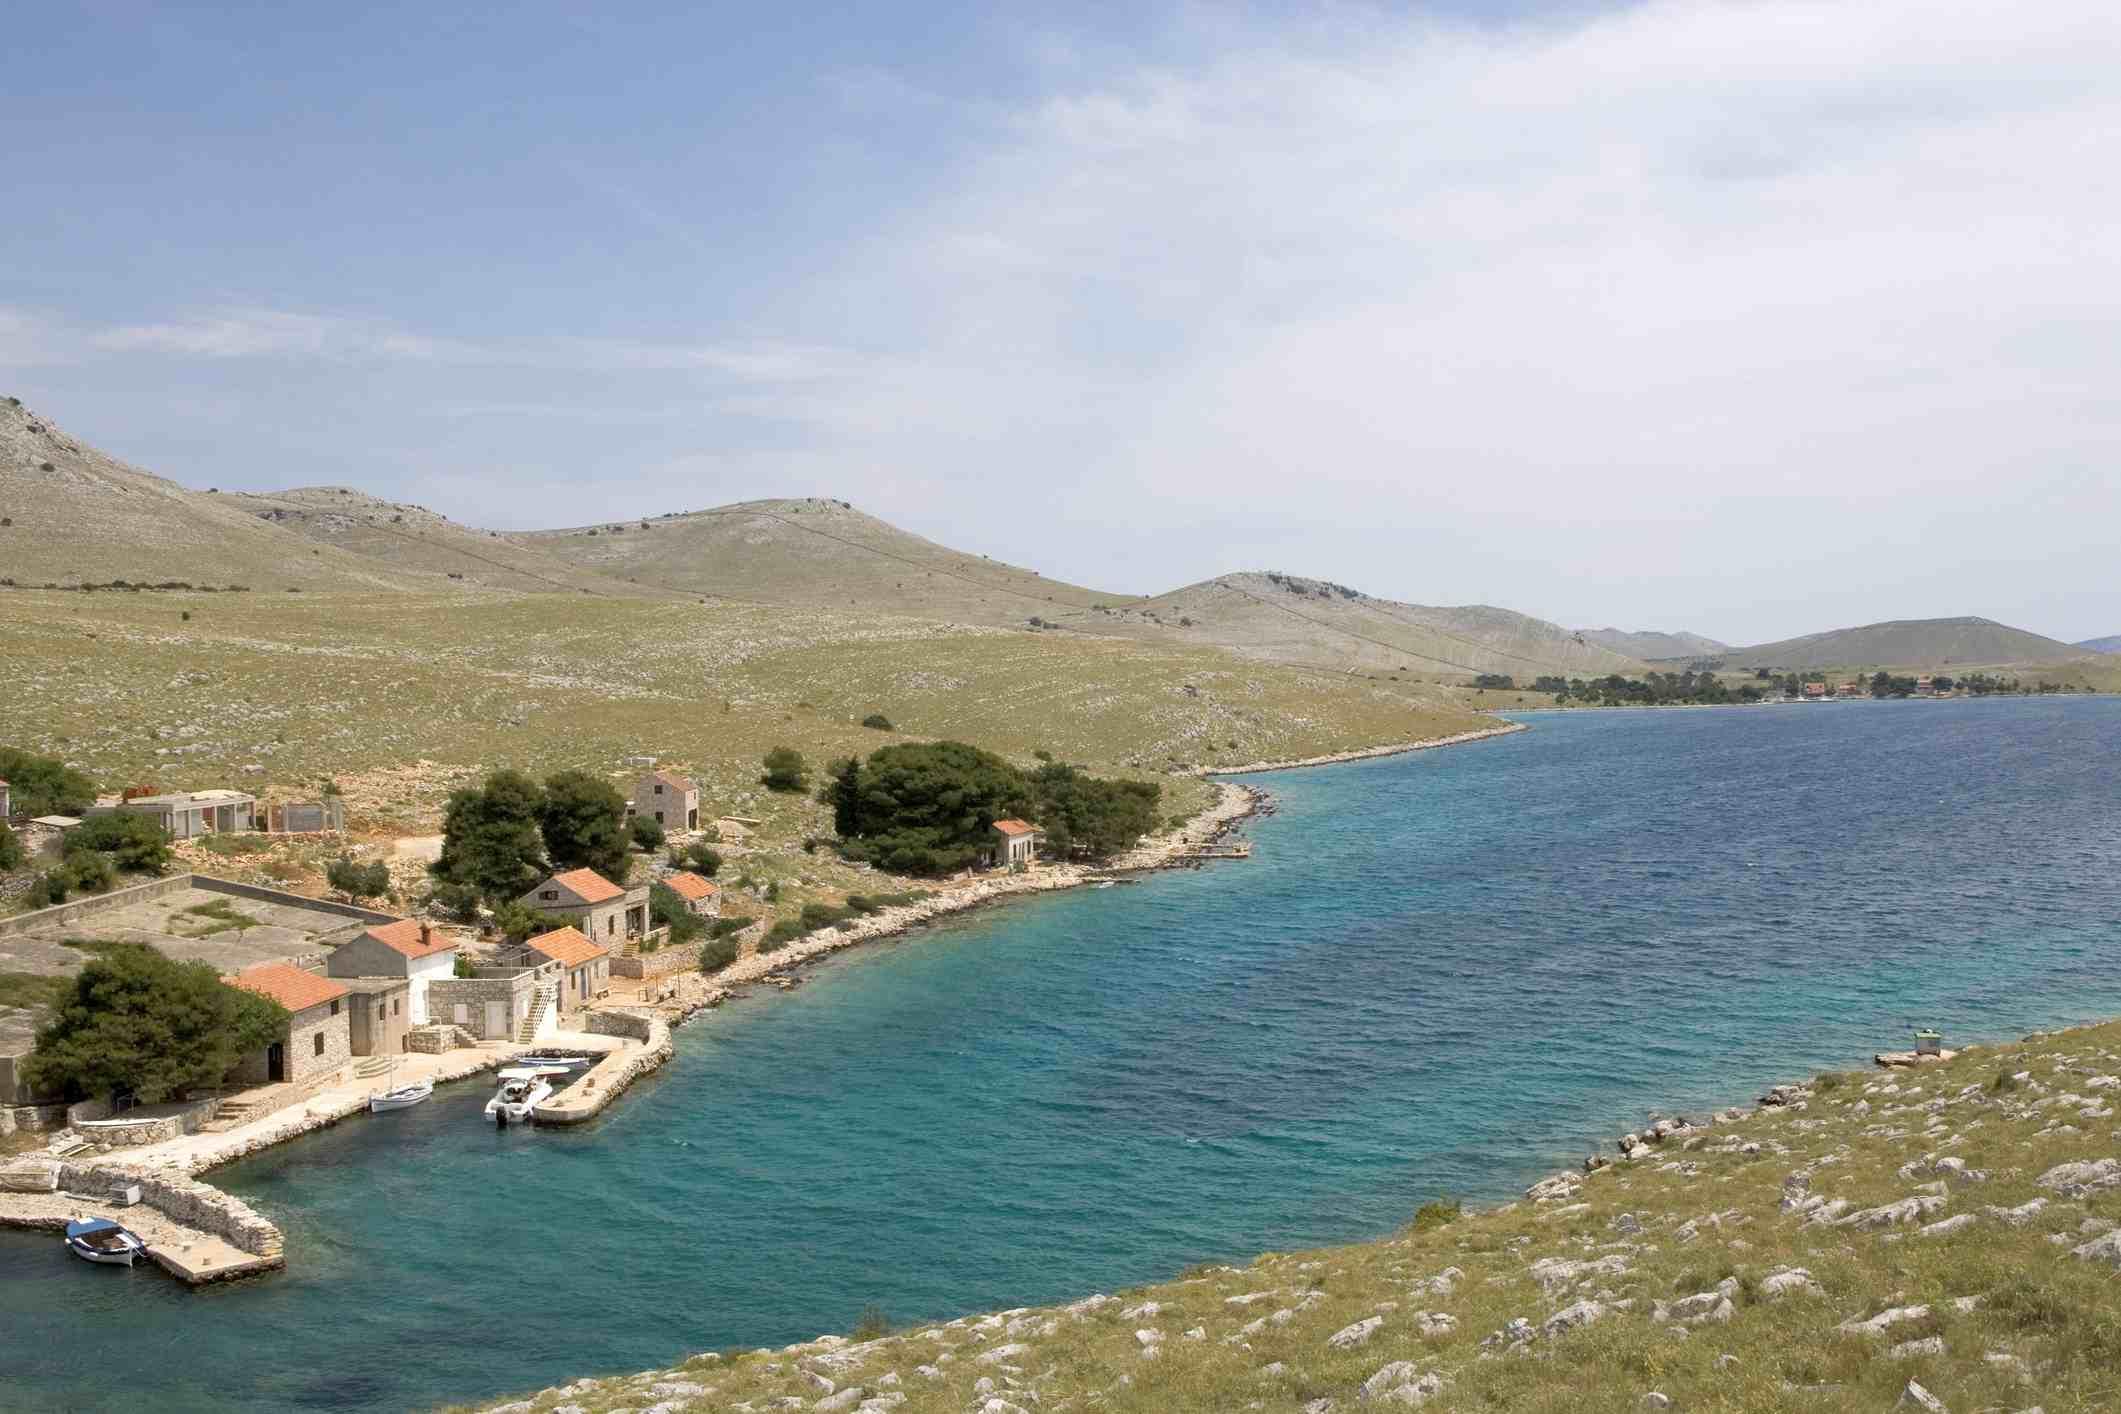 Croatia, Kornati Islands, Kornat, houses and small harbour on coastal inlet